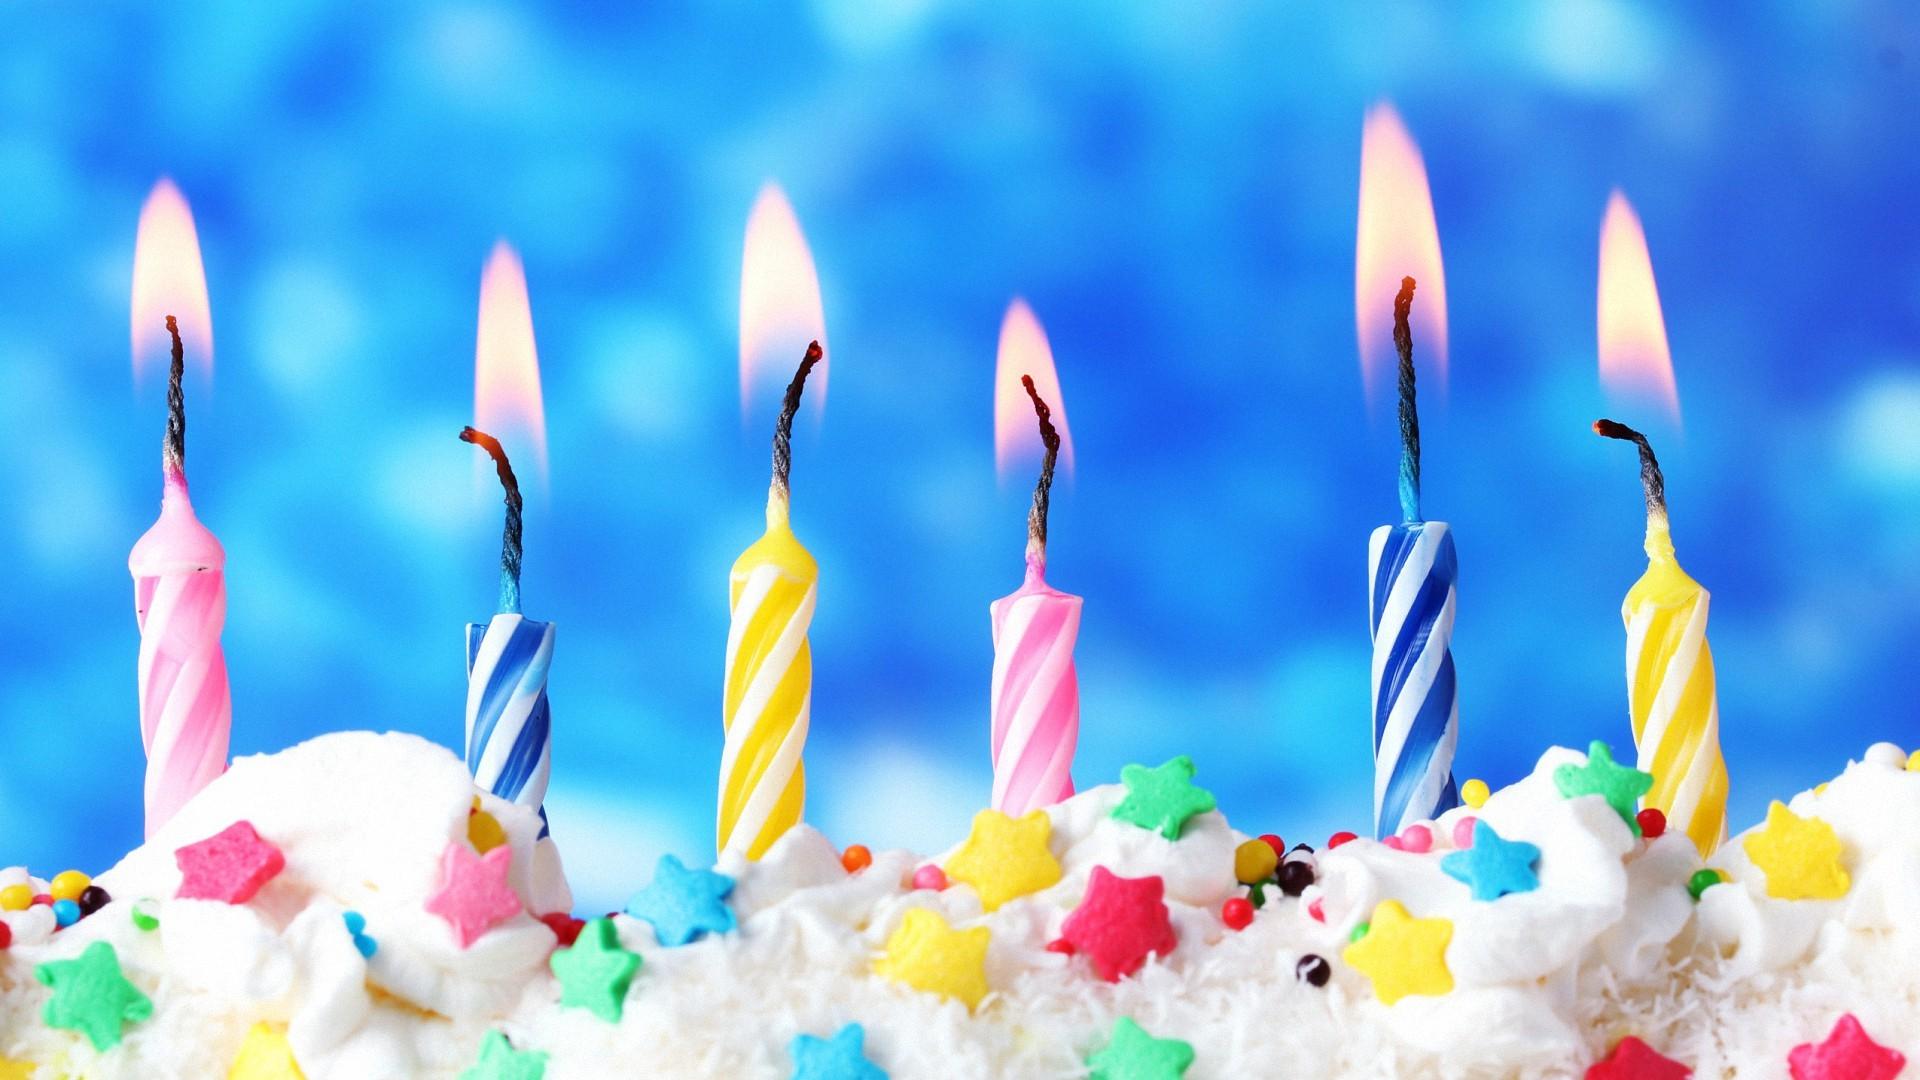 Happy Birthday Desktop Wallpaper 63 Pictures